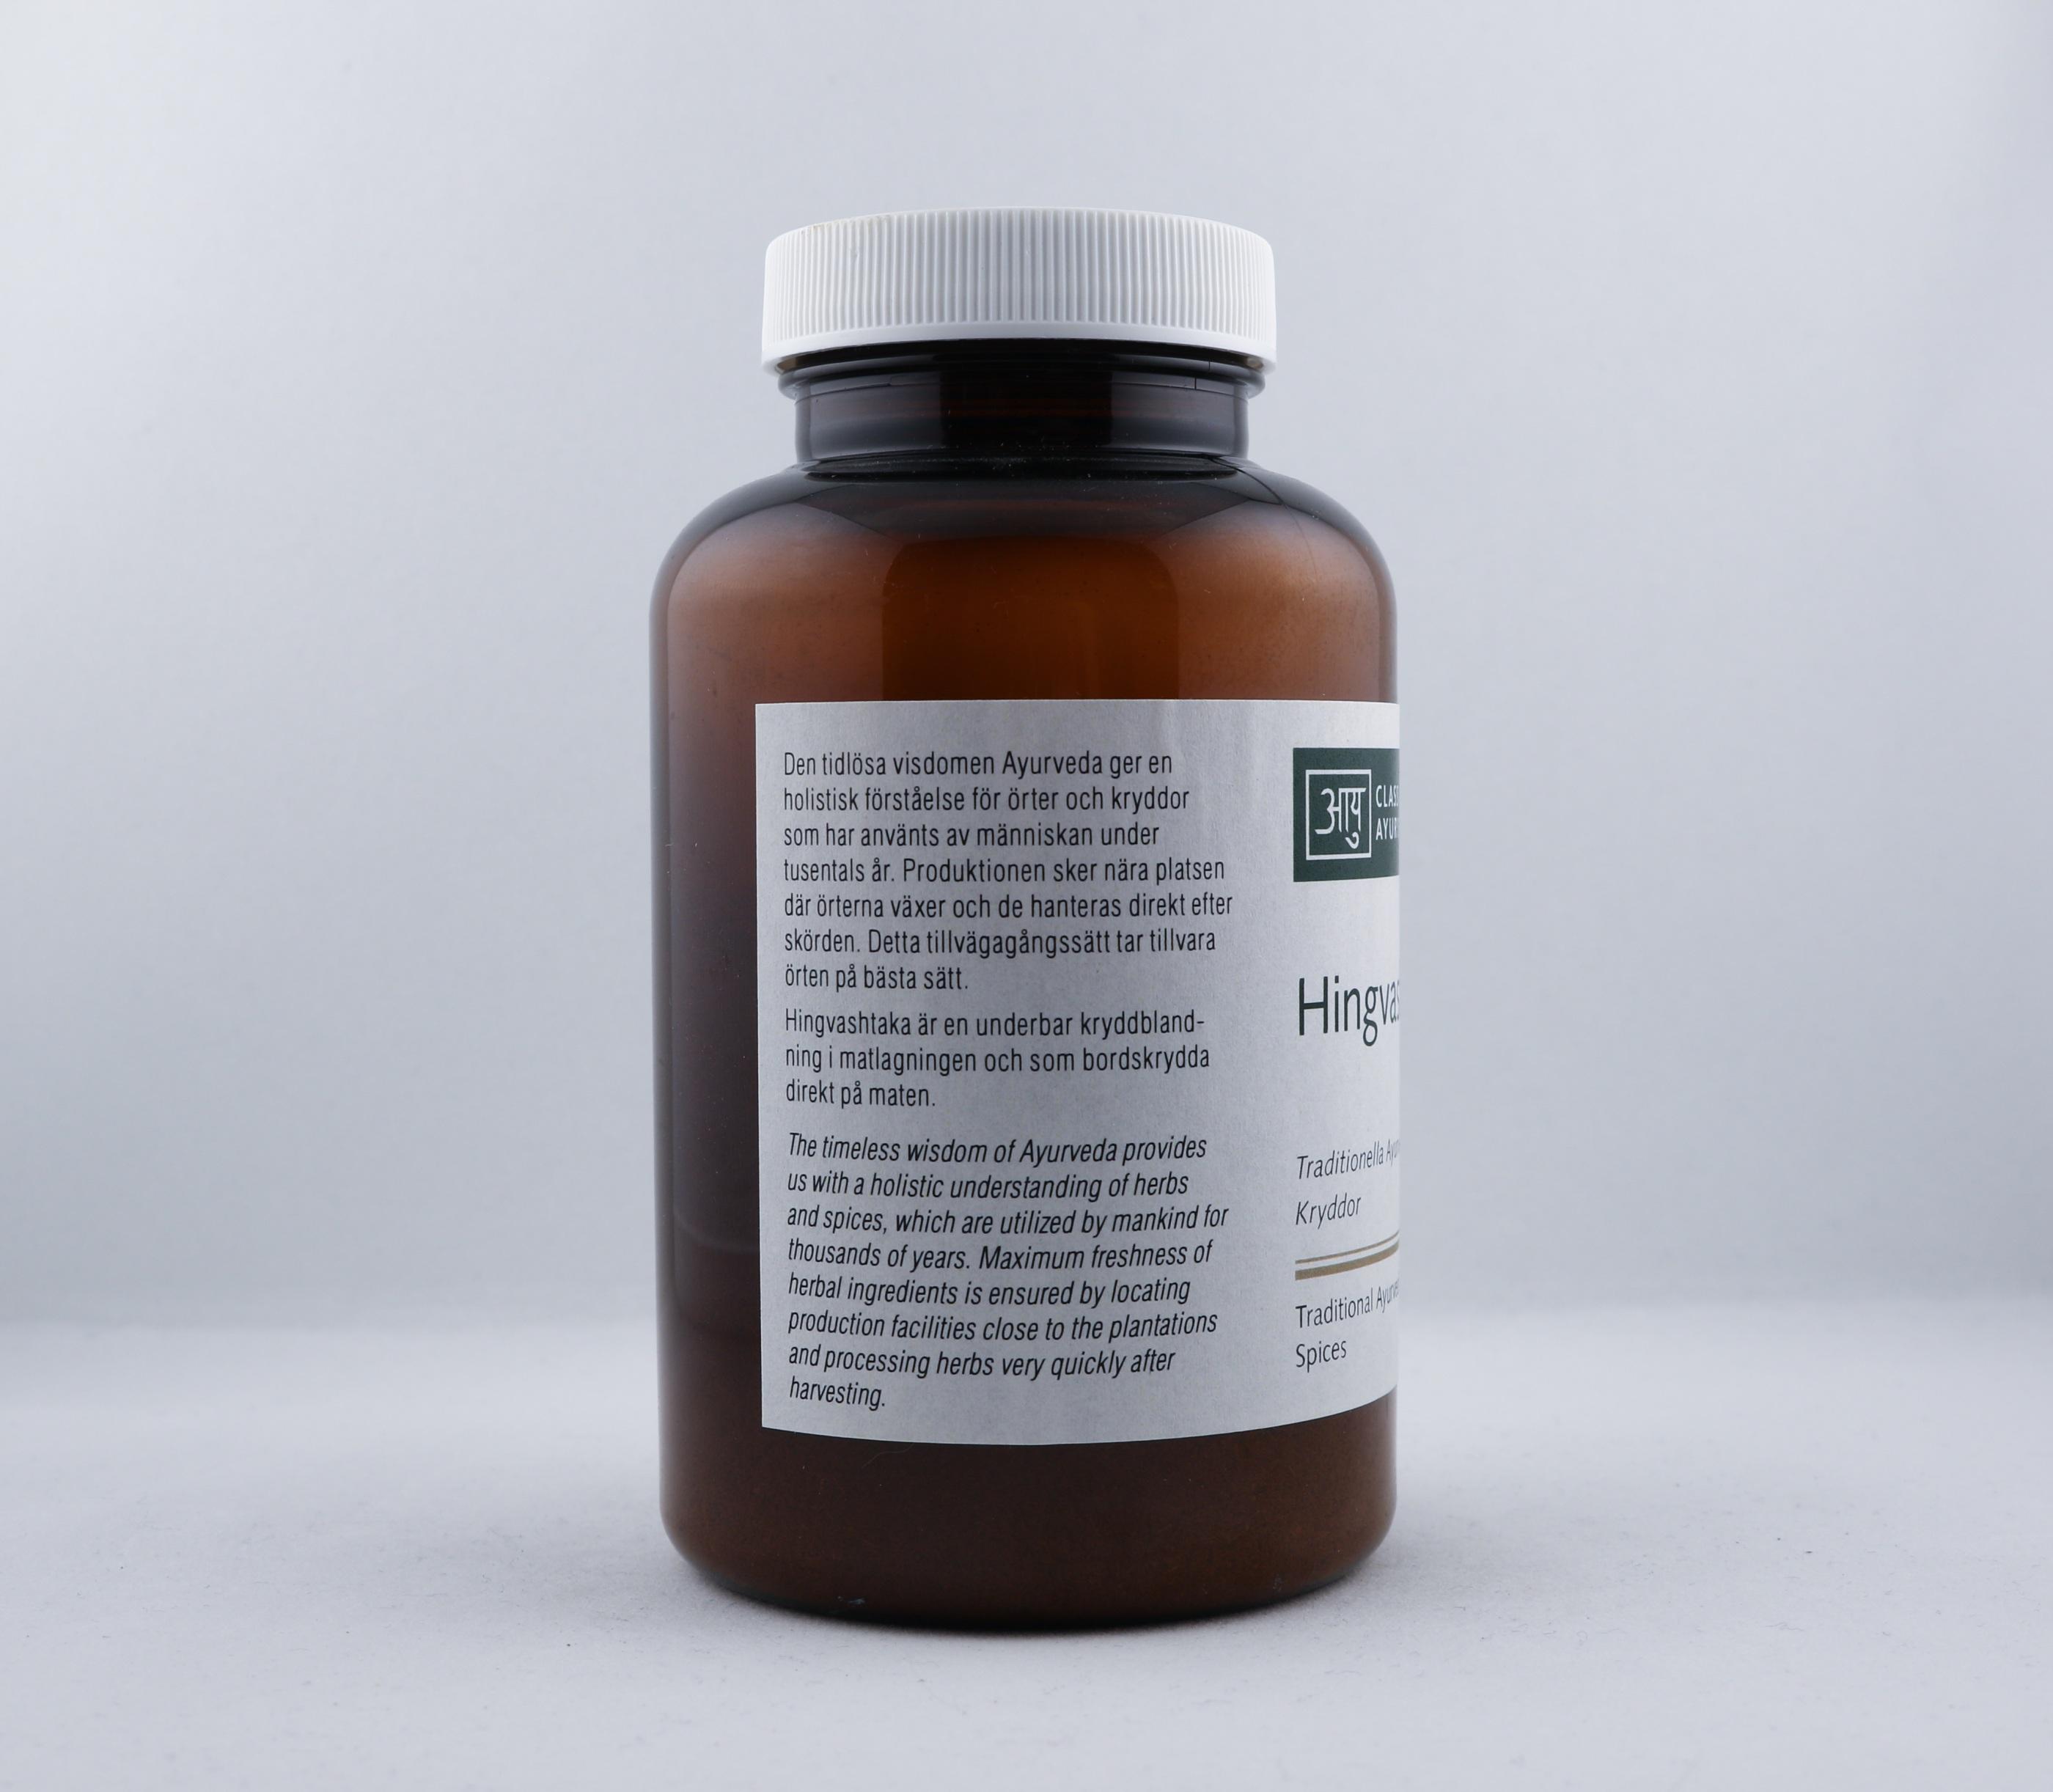 Hing Hingvashtaka kryddmix wellness ayurveda halmstad sweden svensk krydda